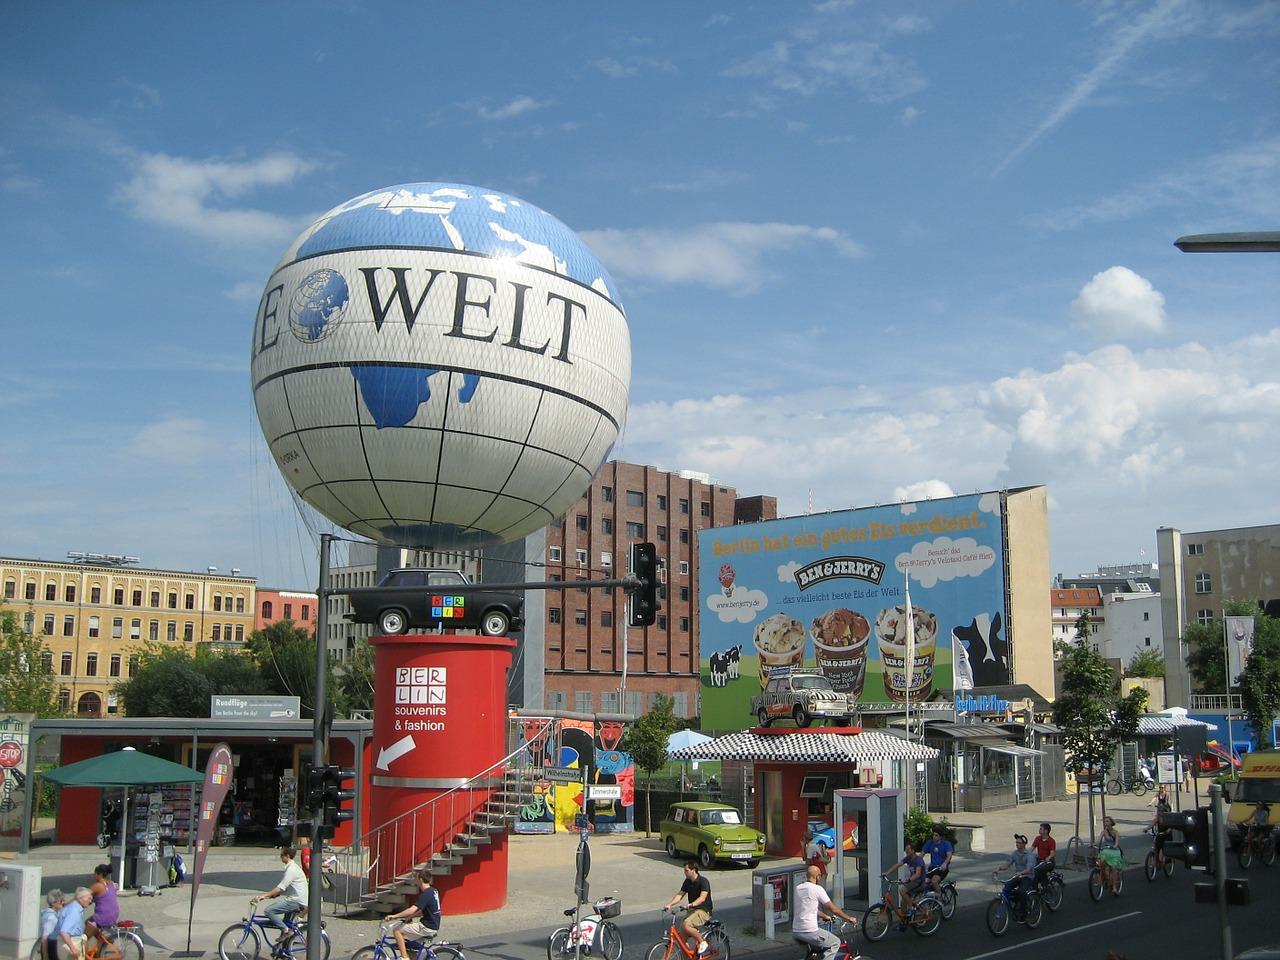 Quelle: https://pixabay.com/de/berlin-urban-turm-blau-fahrrad-345289/